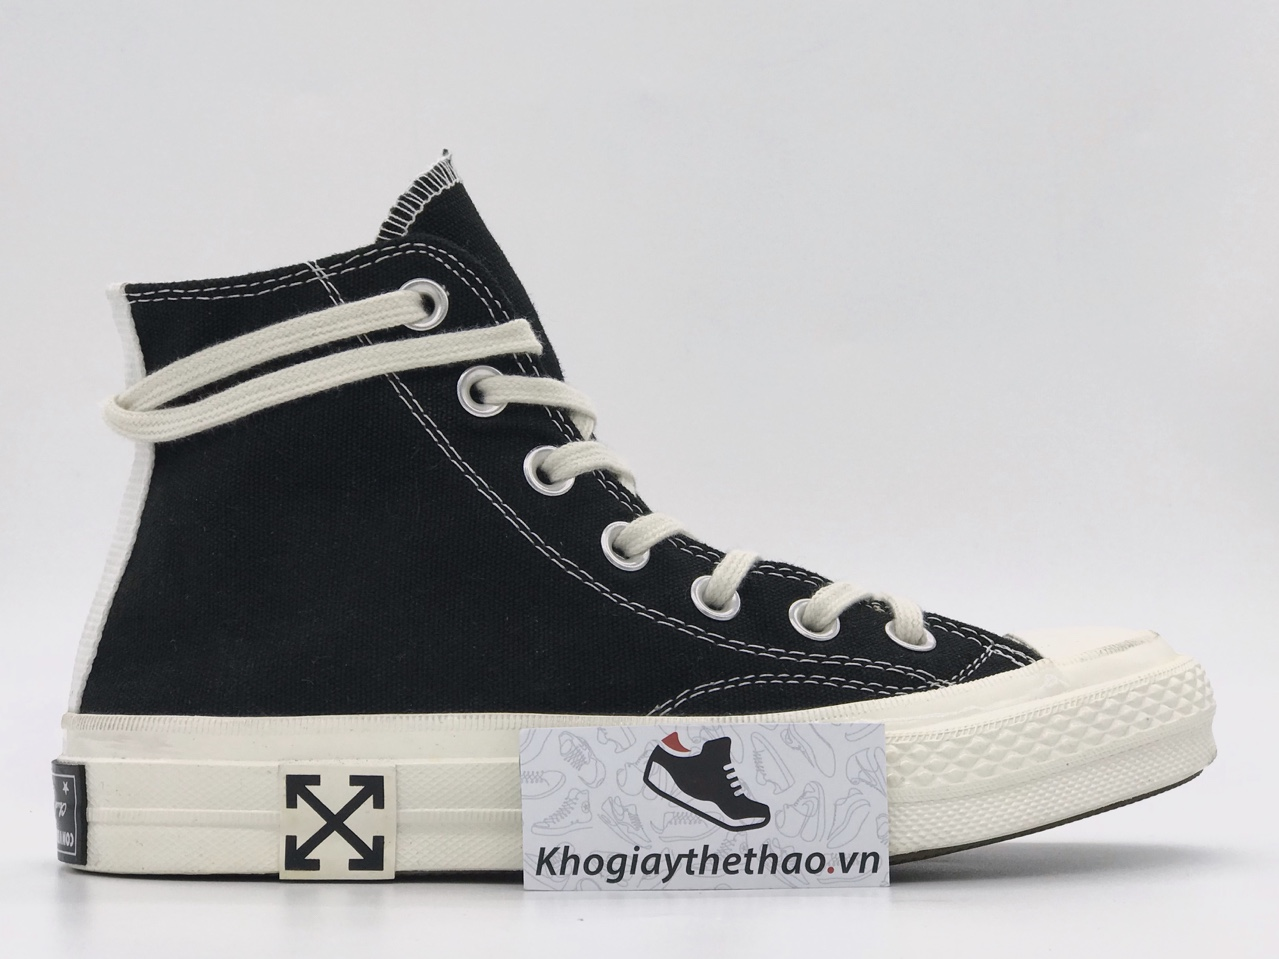 Giày Converse 1970s x off white cao cổ rep